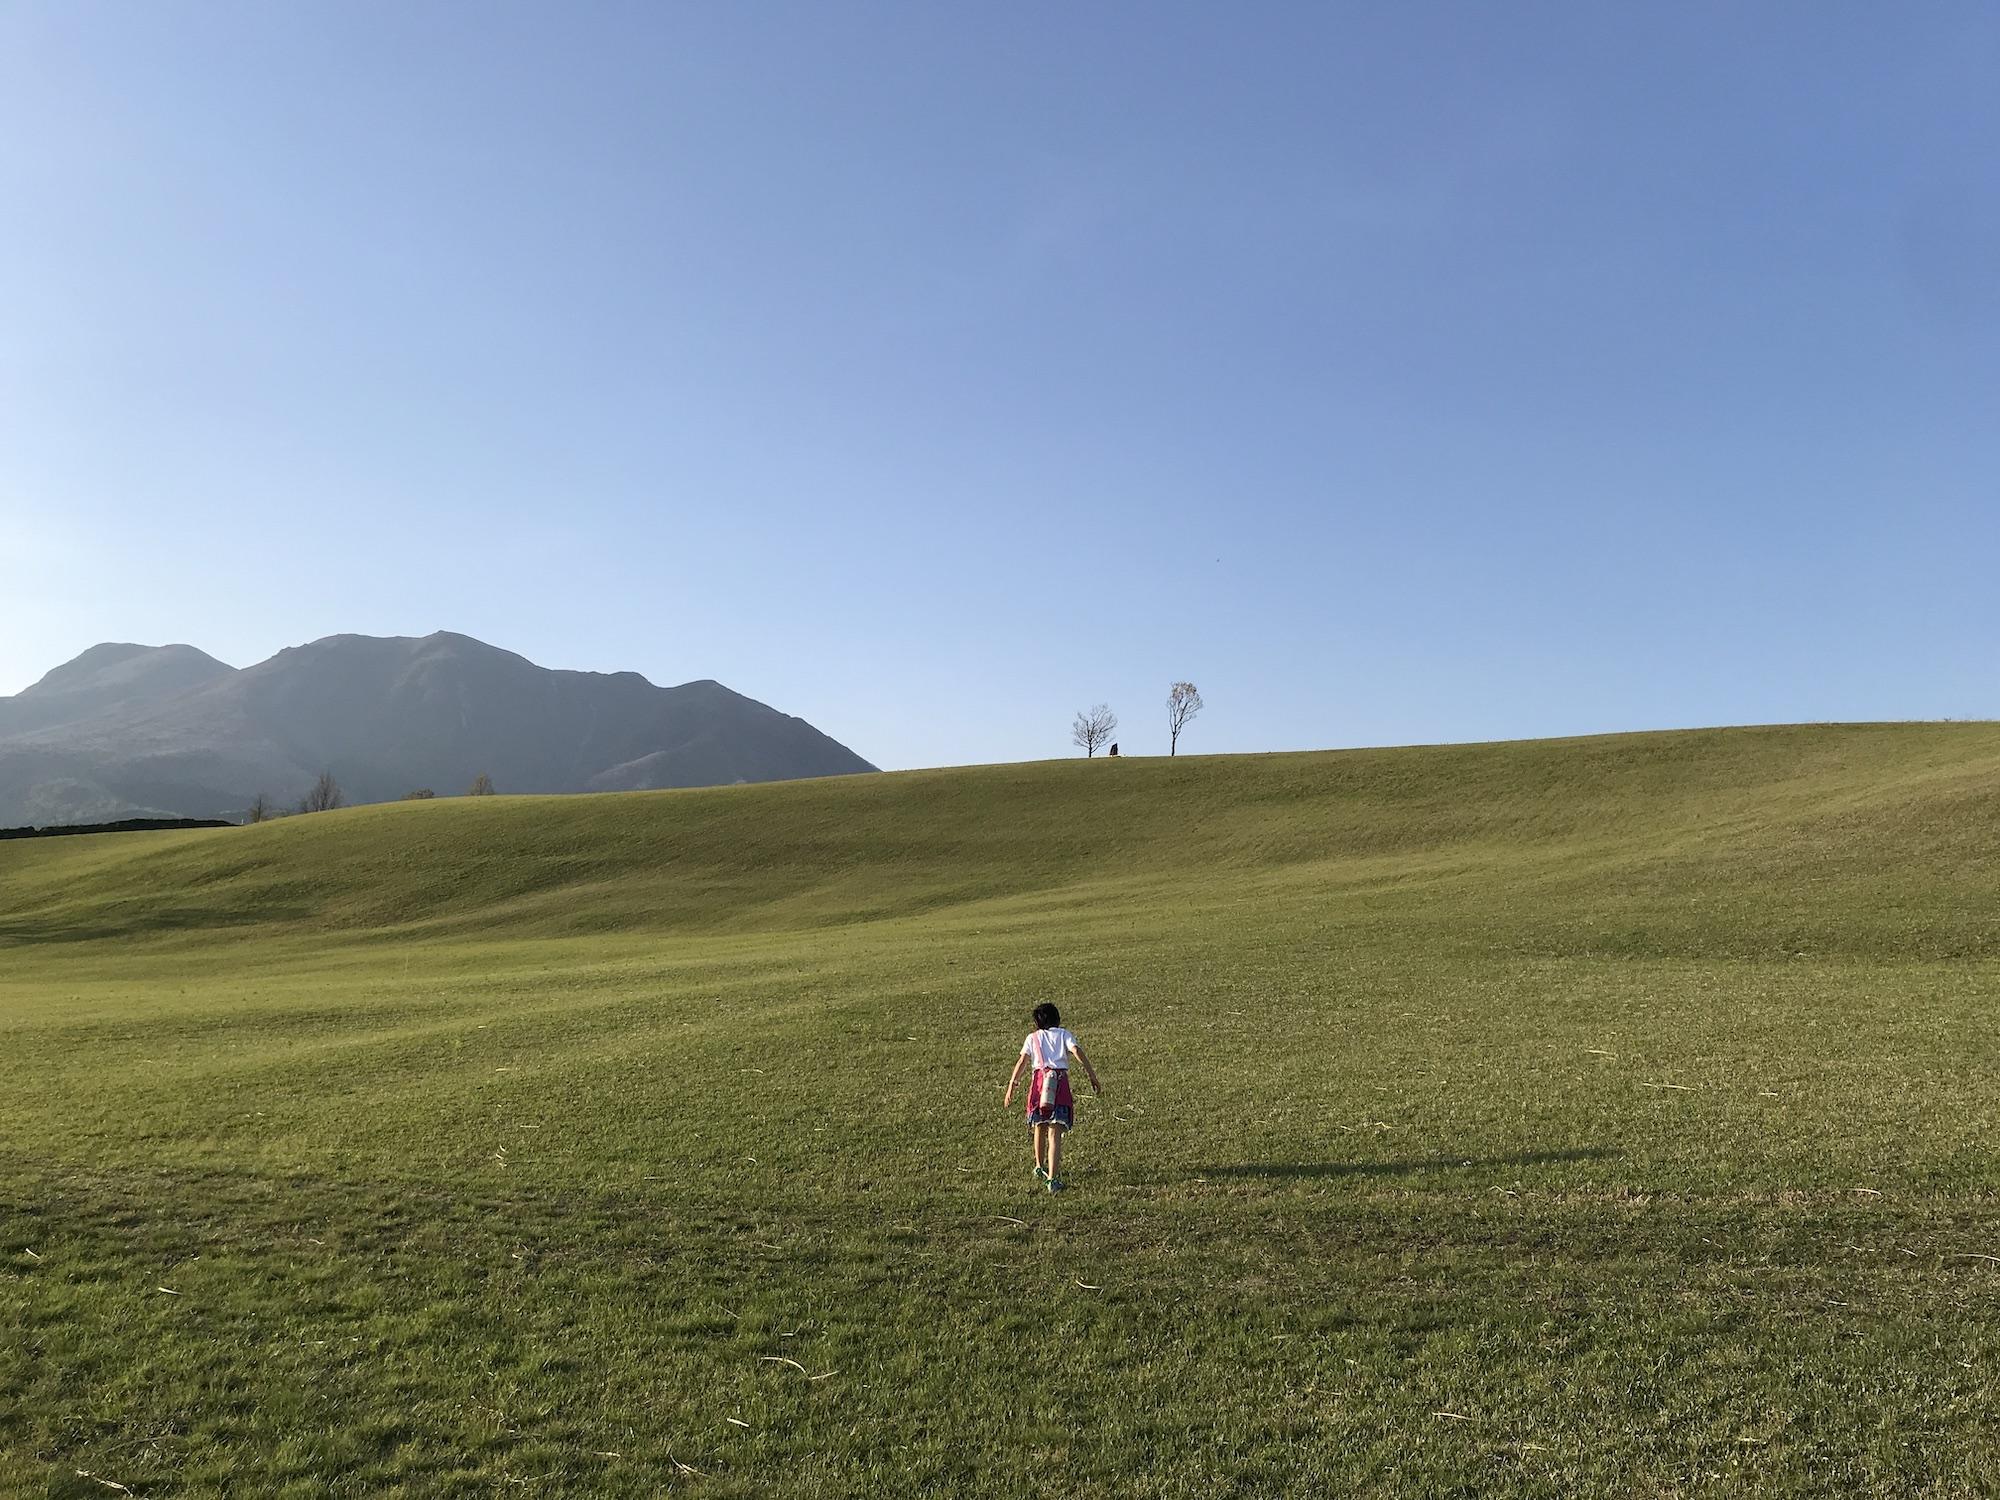 広く平らな緑の大地と青い空の真ん中に女の子が一人